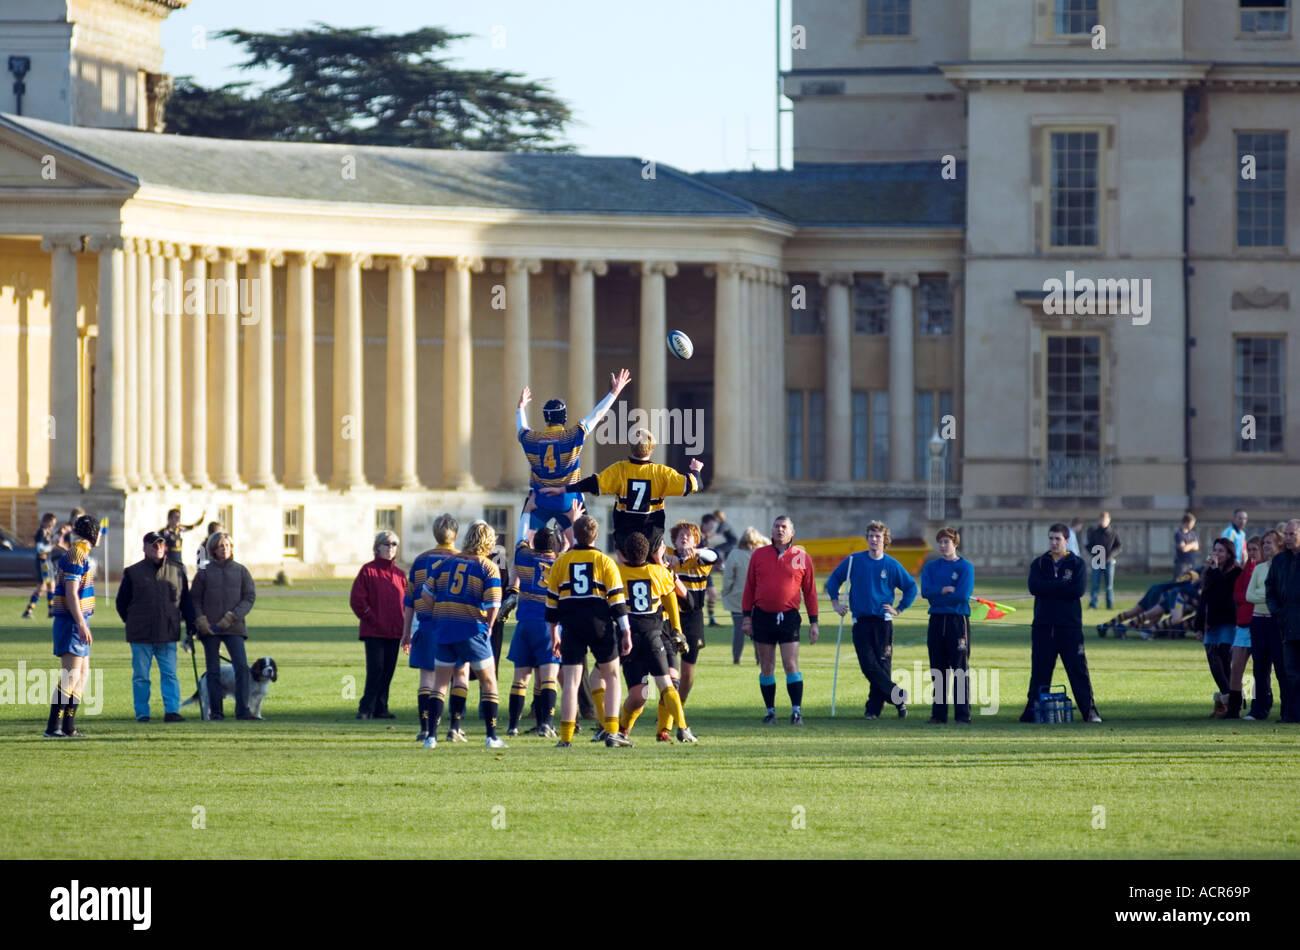 Stowe Public School Buckingham MK18 5EH England Stowe Public School - Stock Image